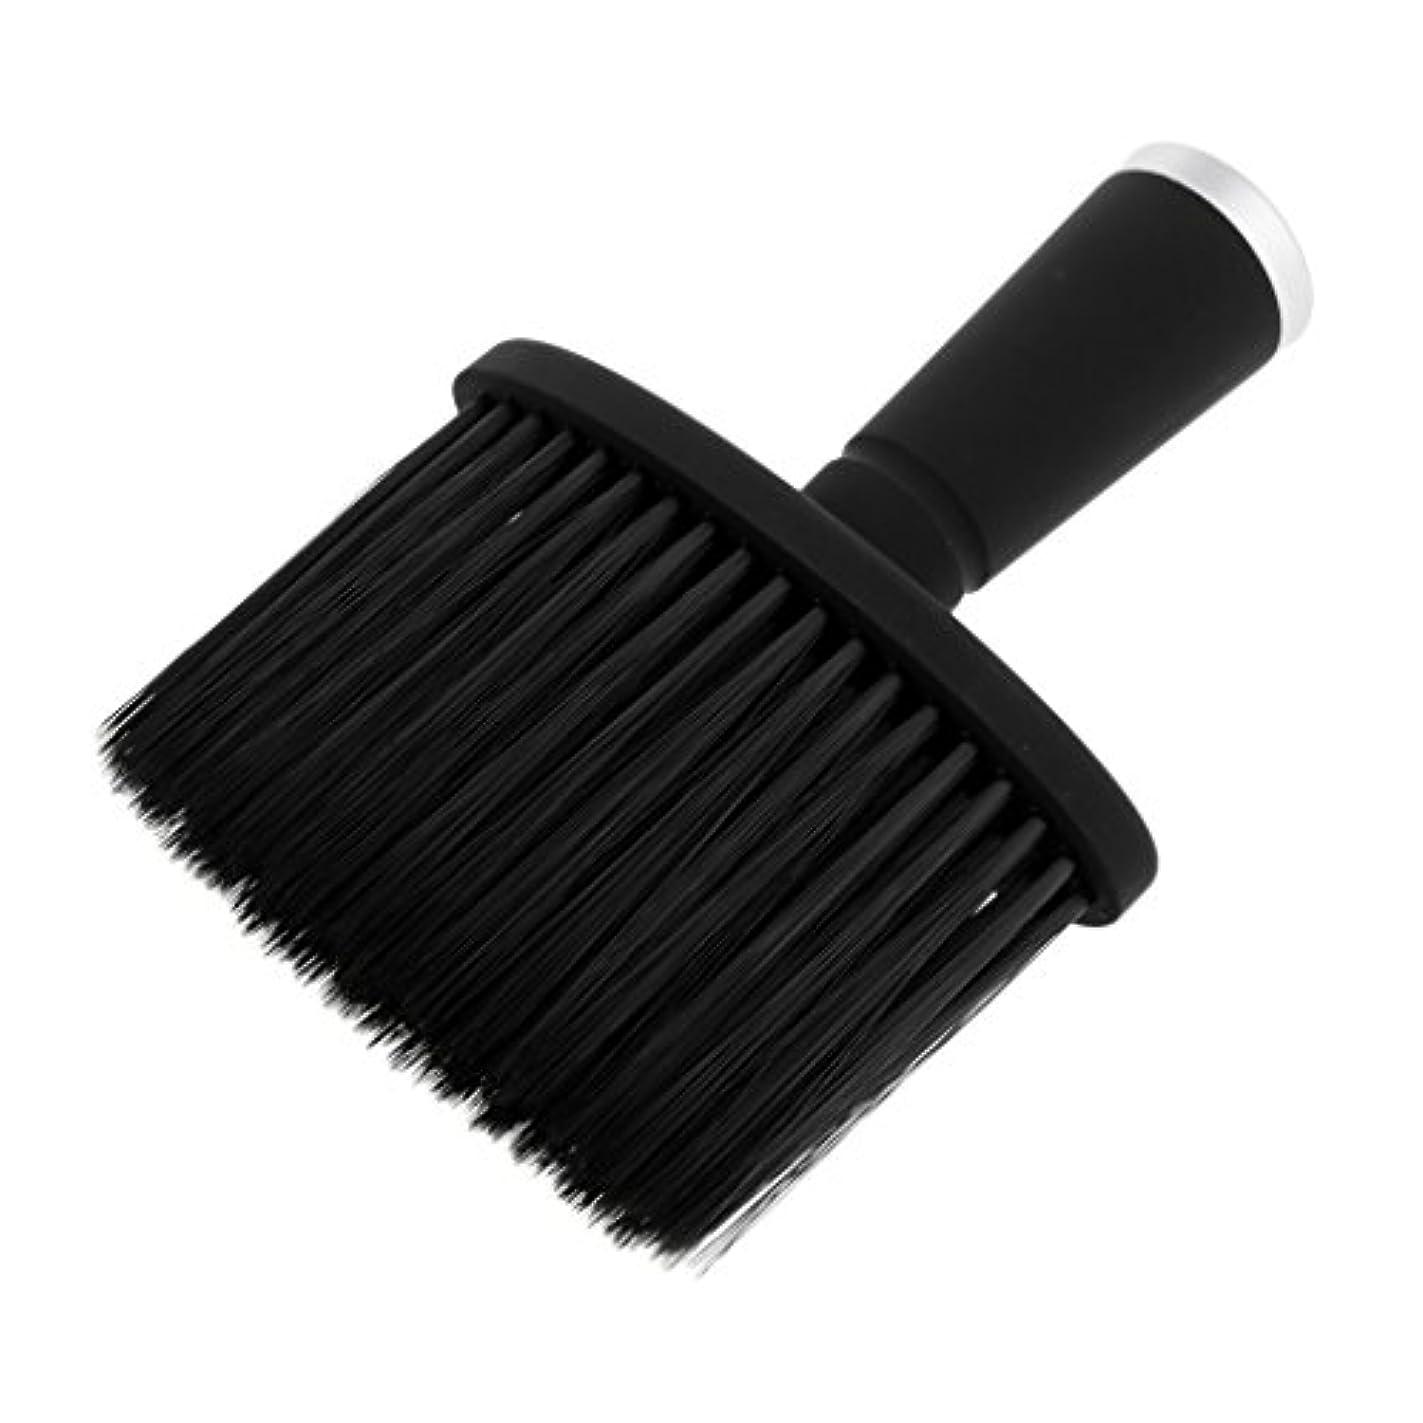 第九伸ばすちらつきT TOOYFUL ソフトネックダスターブラシサロンのためのスタイリストの理髪髪ヘアカットメイクツール - 銀